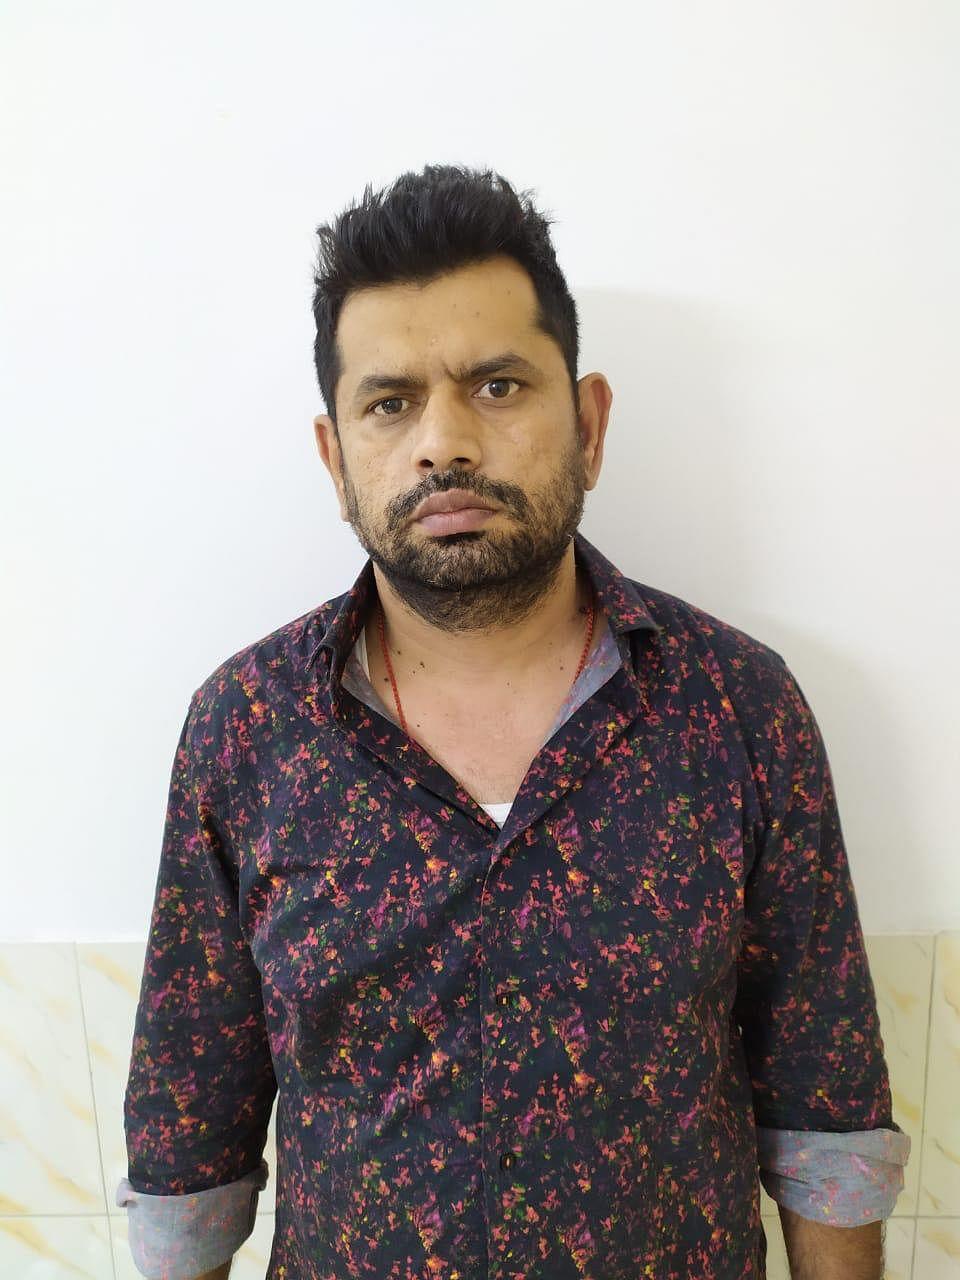 नोएडा: मुंबई सीरियल ब्लास्ट का आरोपित अबू सलेम का साथी गिरफ्तार